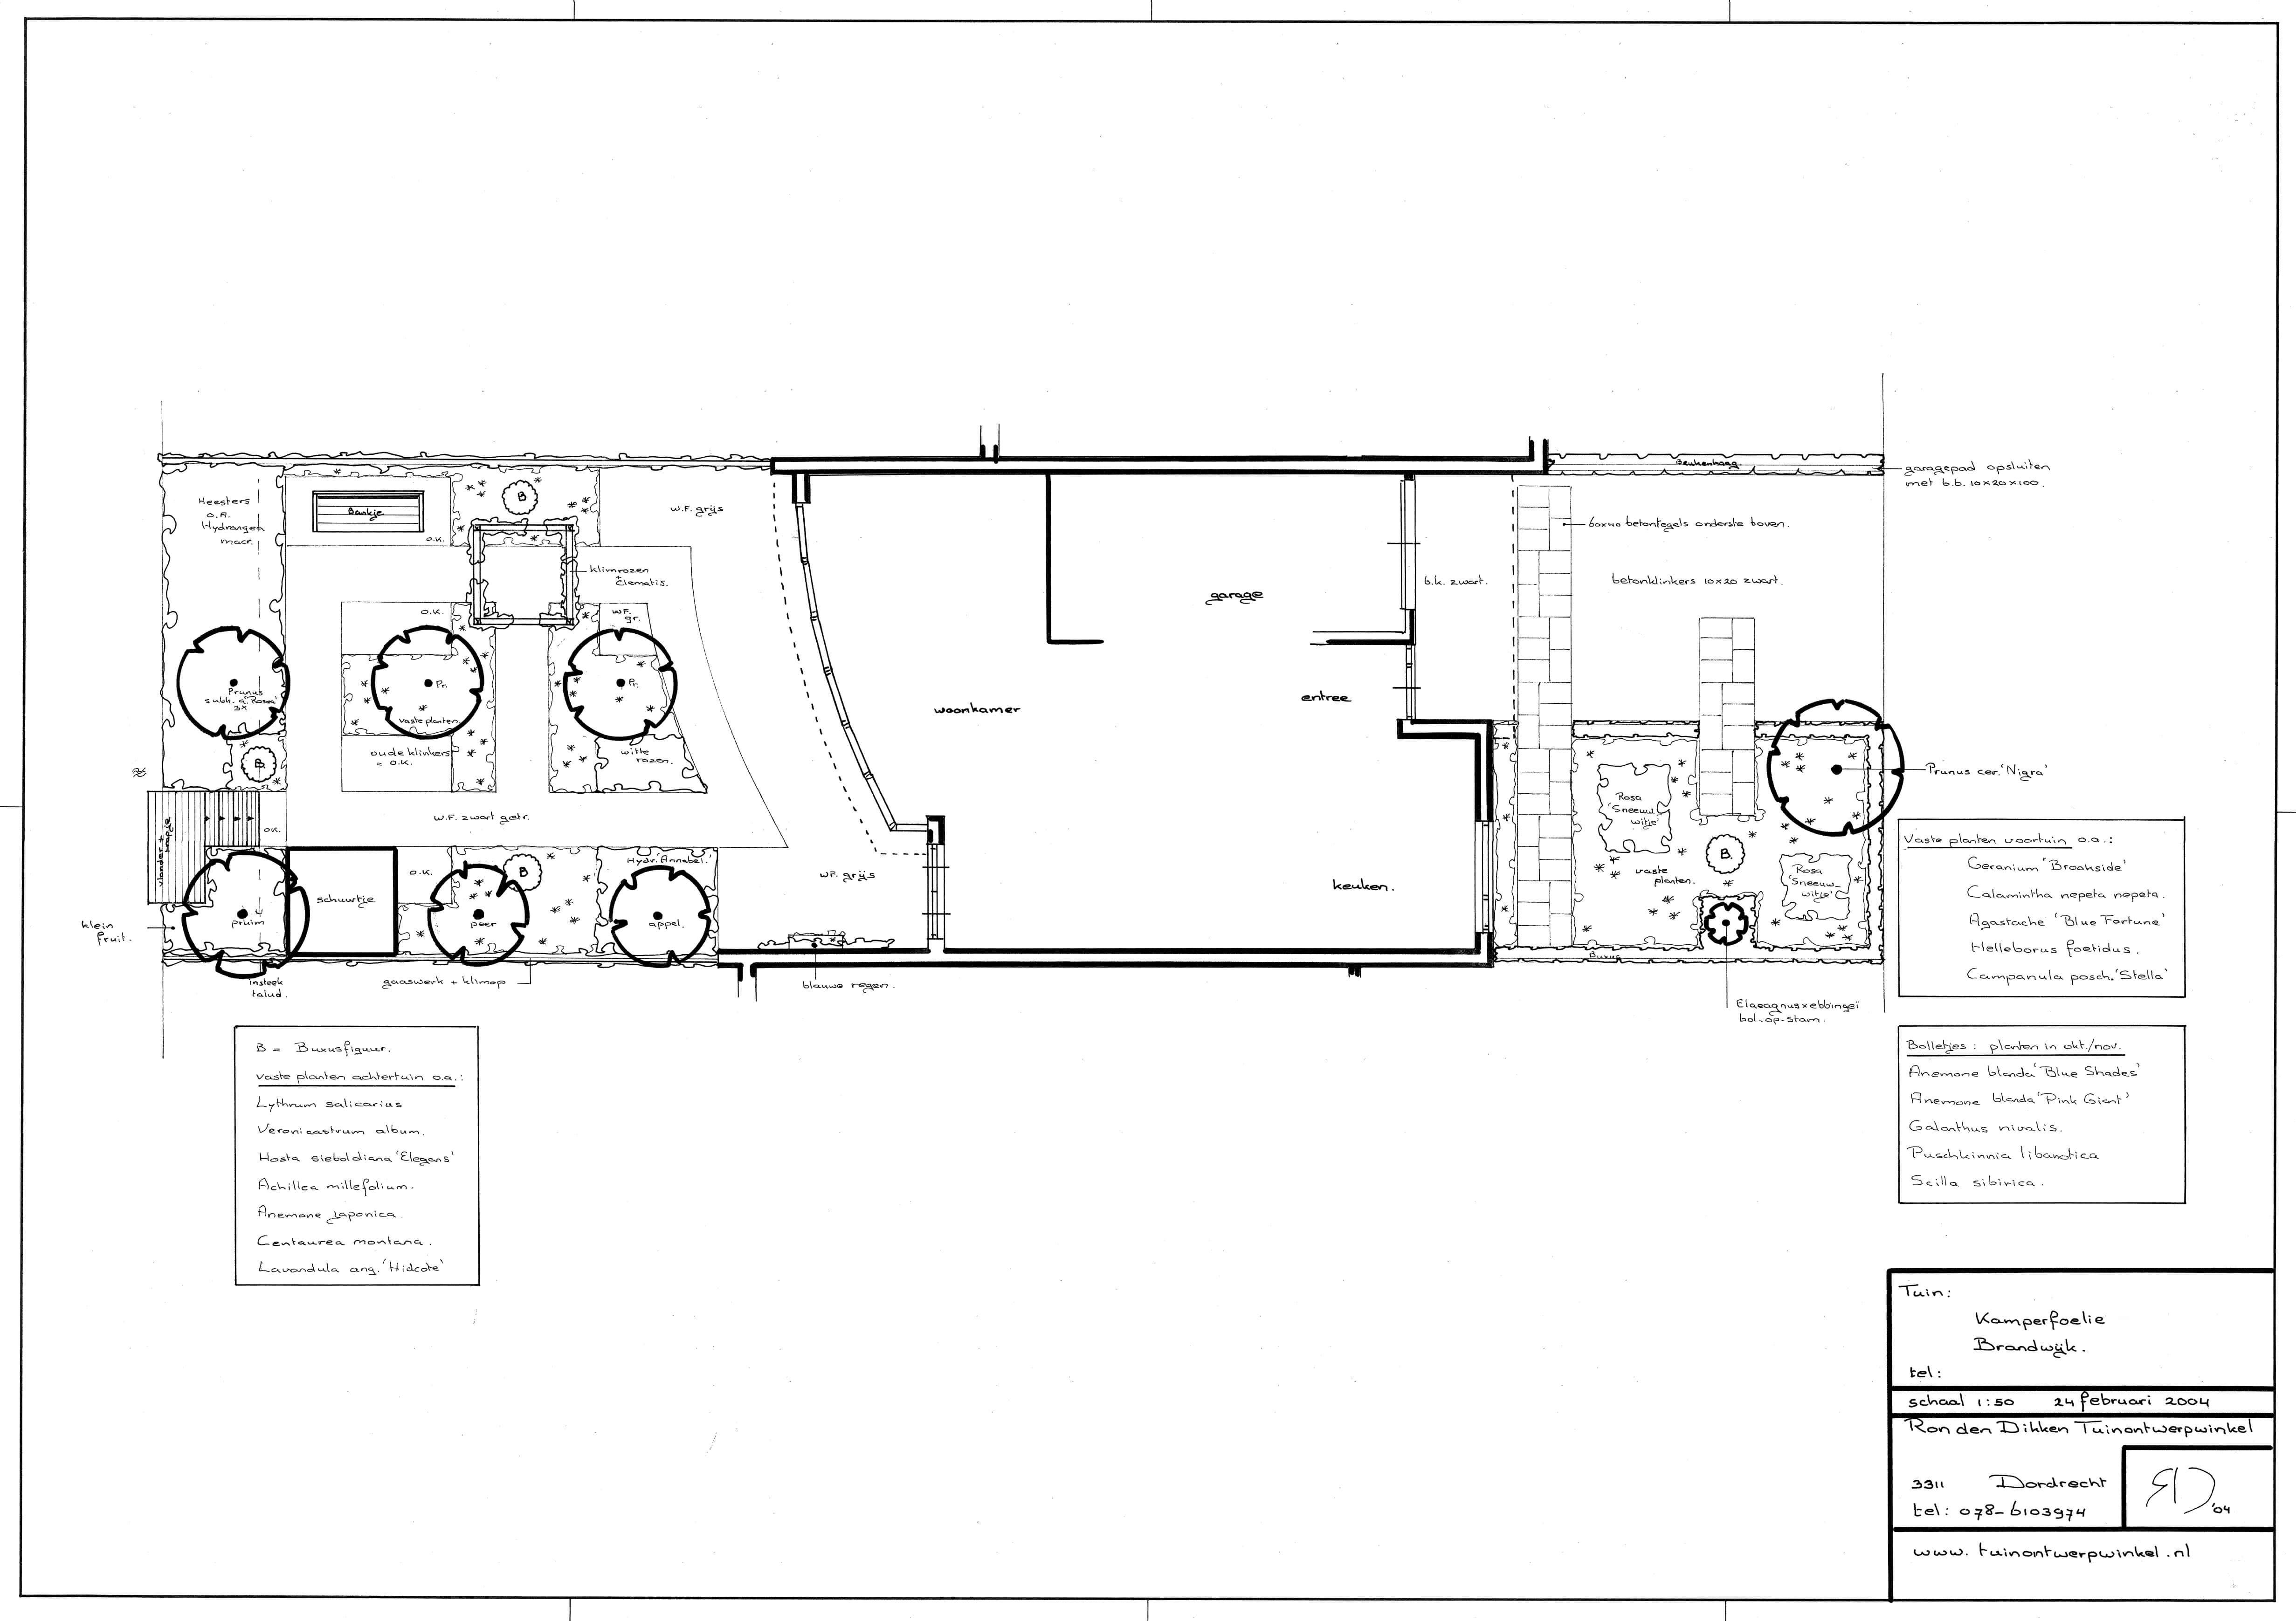 ontwerp ; eensgezinswoning voor-en achtertuin